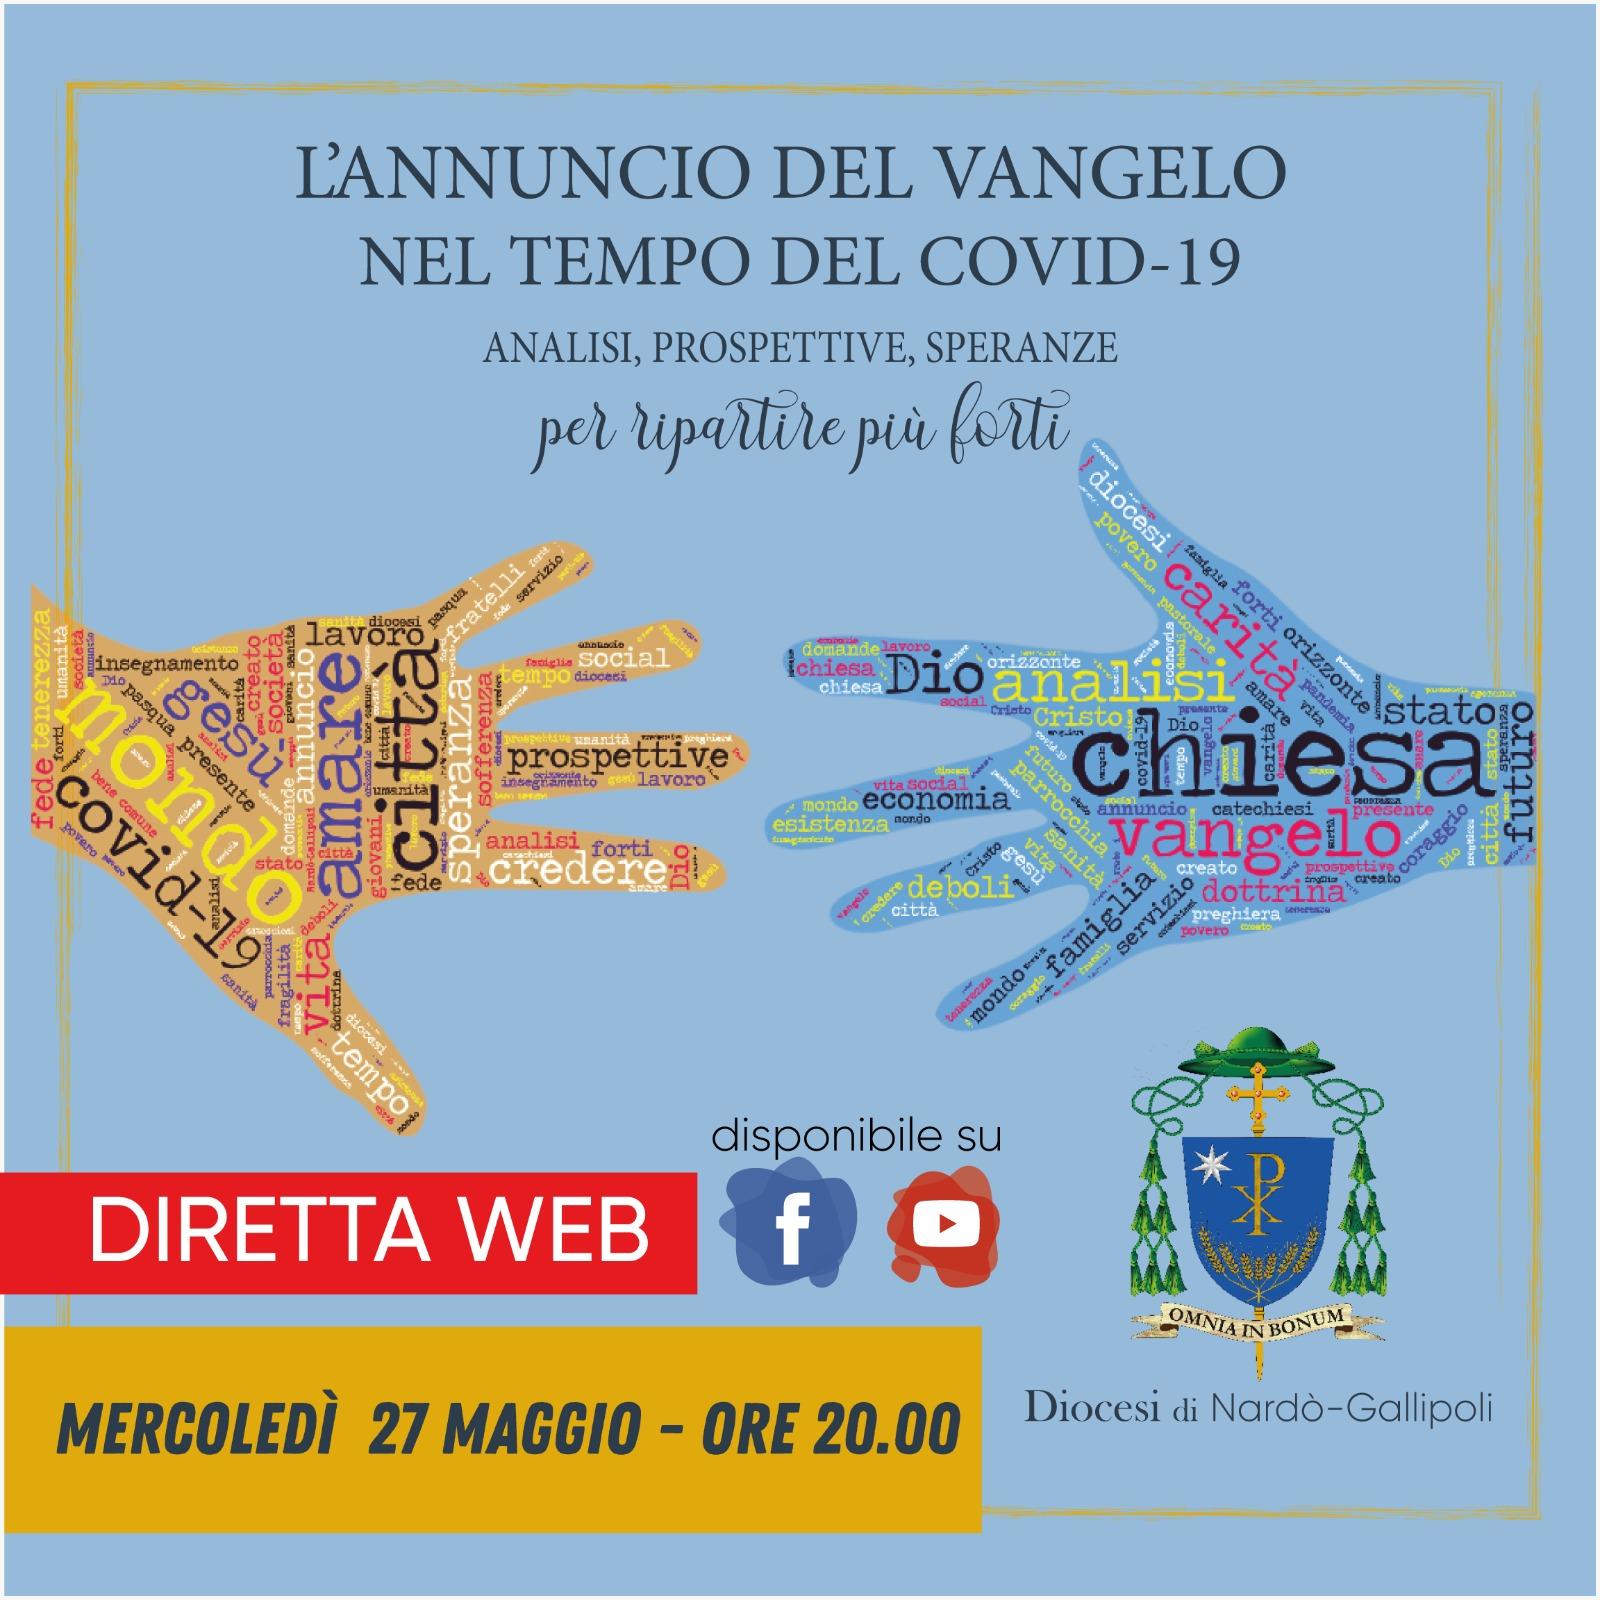 Diretta web – Presentazione del sussidio diocesano sull'annuncio nel tempo del Covid-19